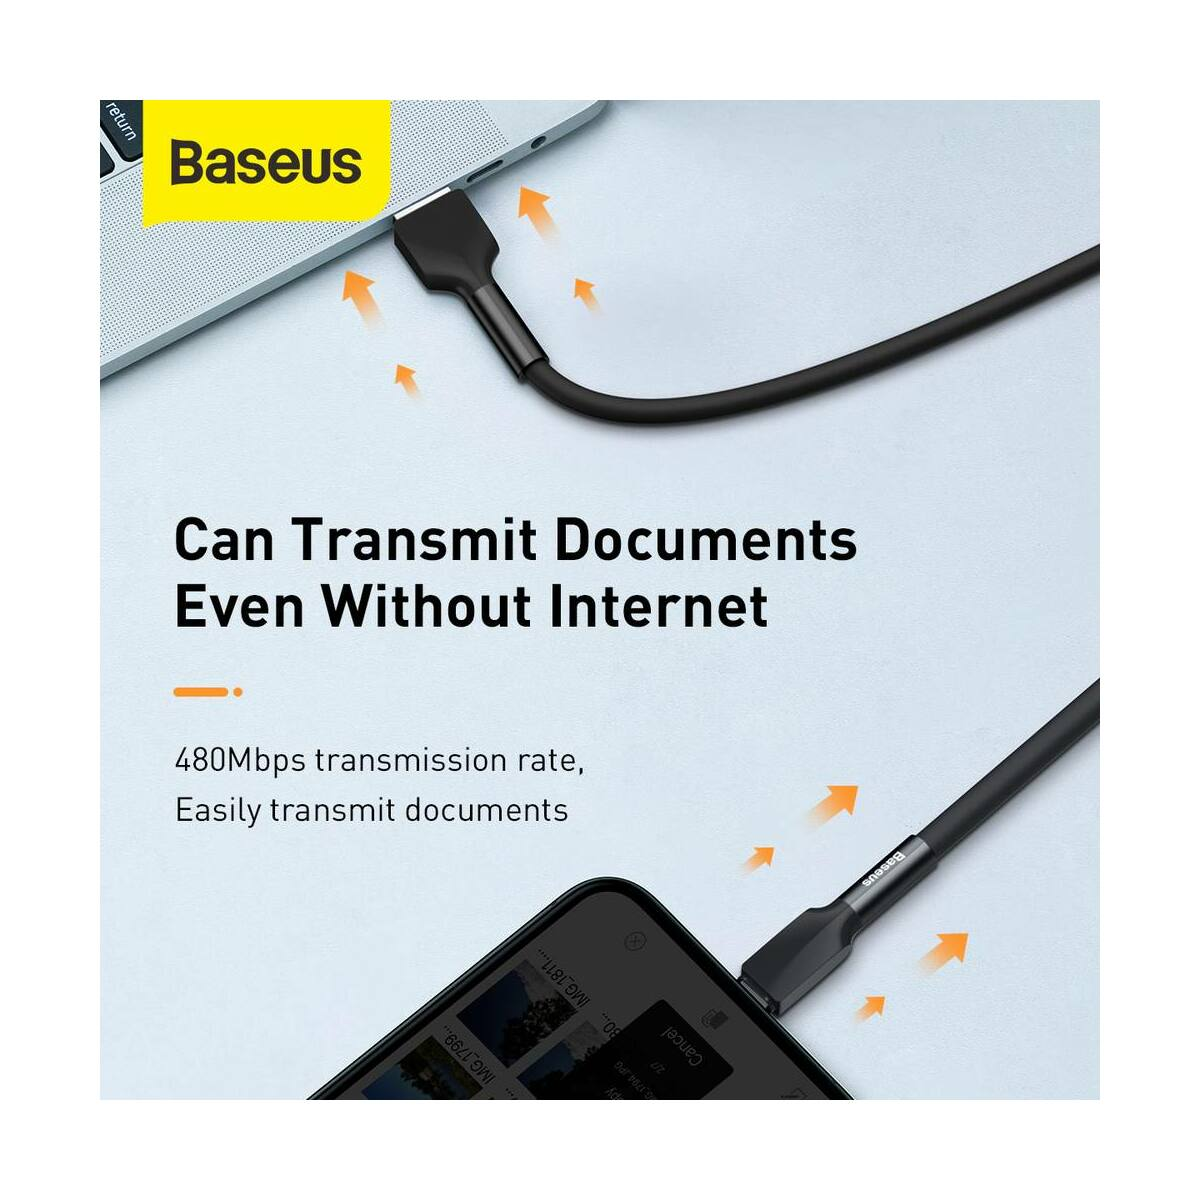 Baseus Lightning Szilikon kábel 2.4A, 1m, zöld (CALGJ-06)